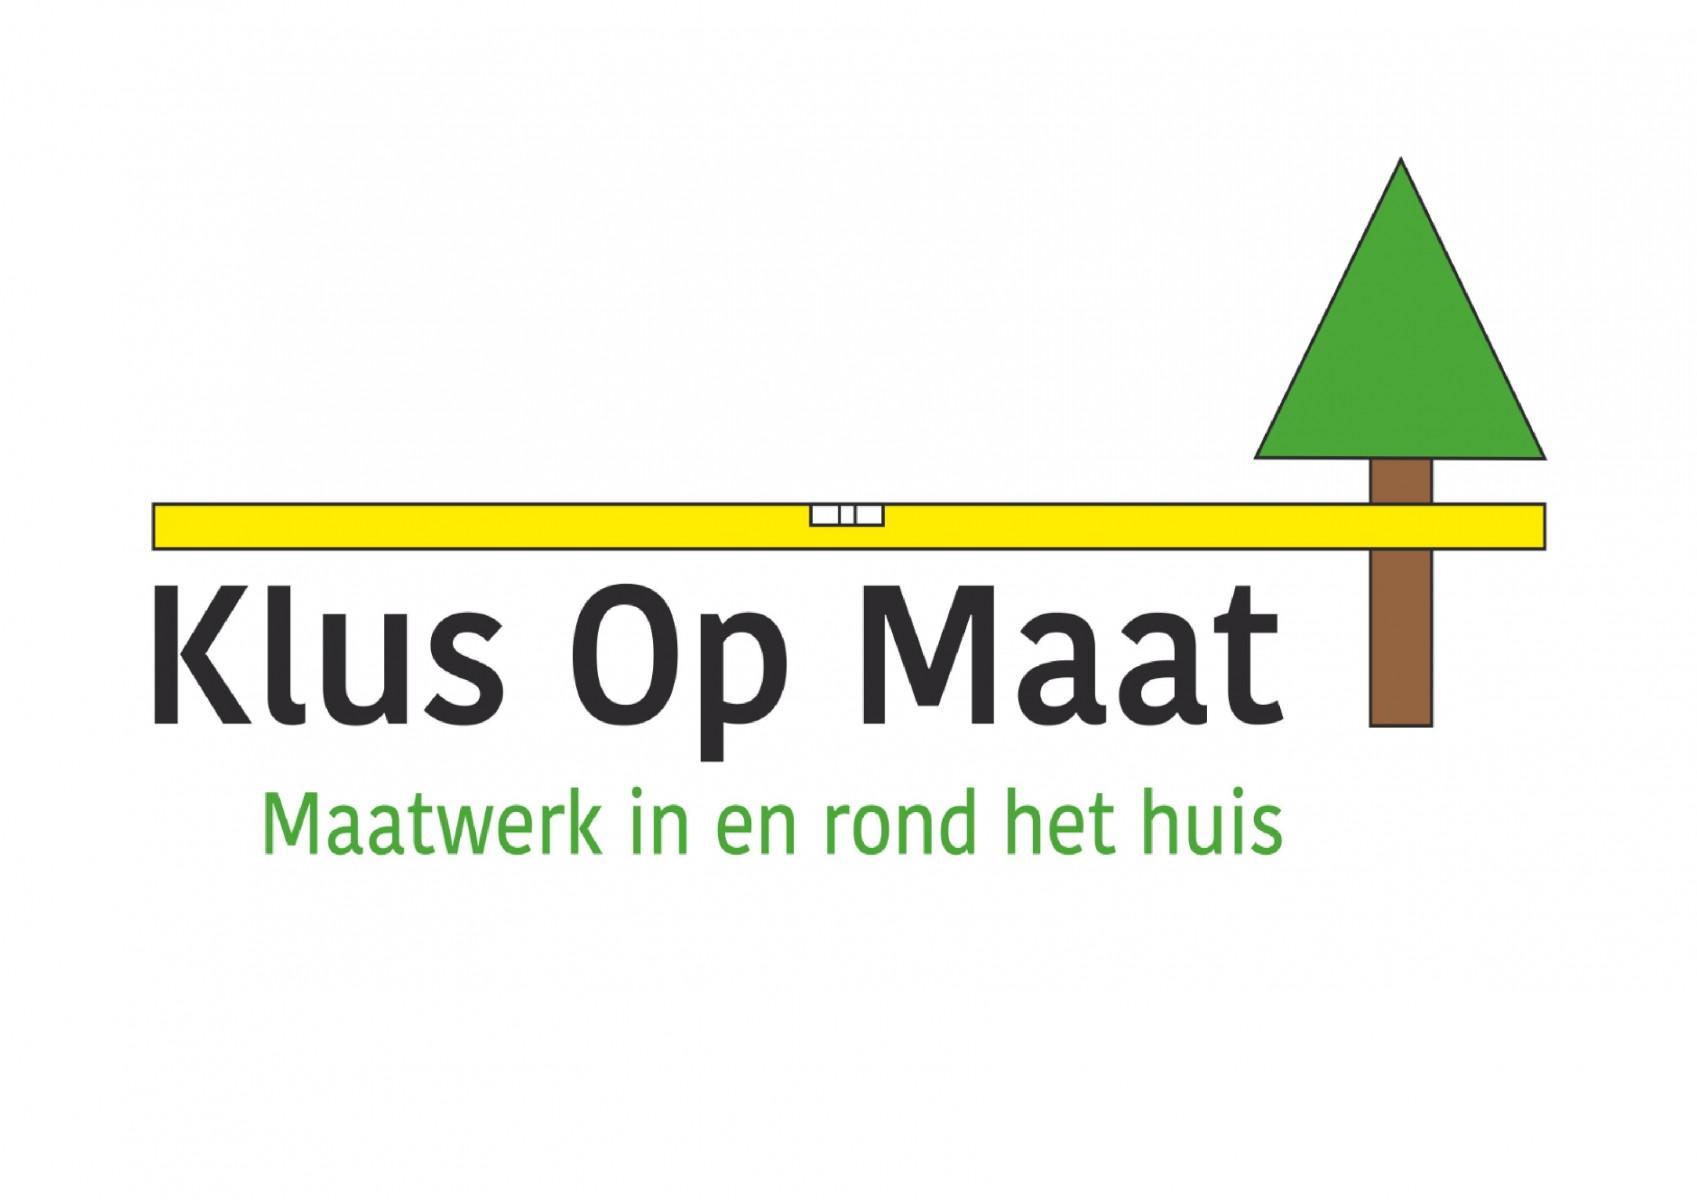 Logo Klus op Maat